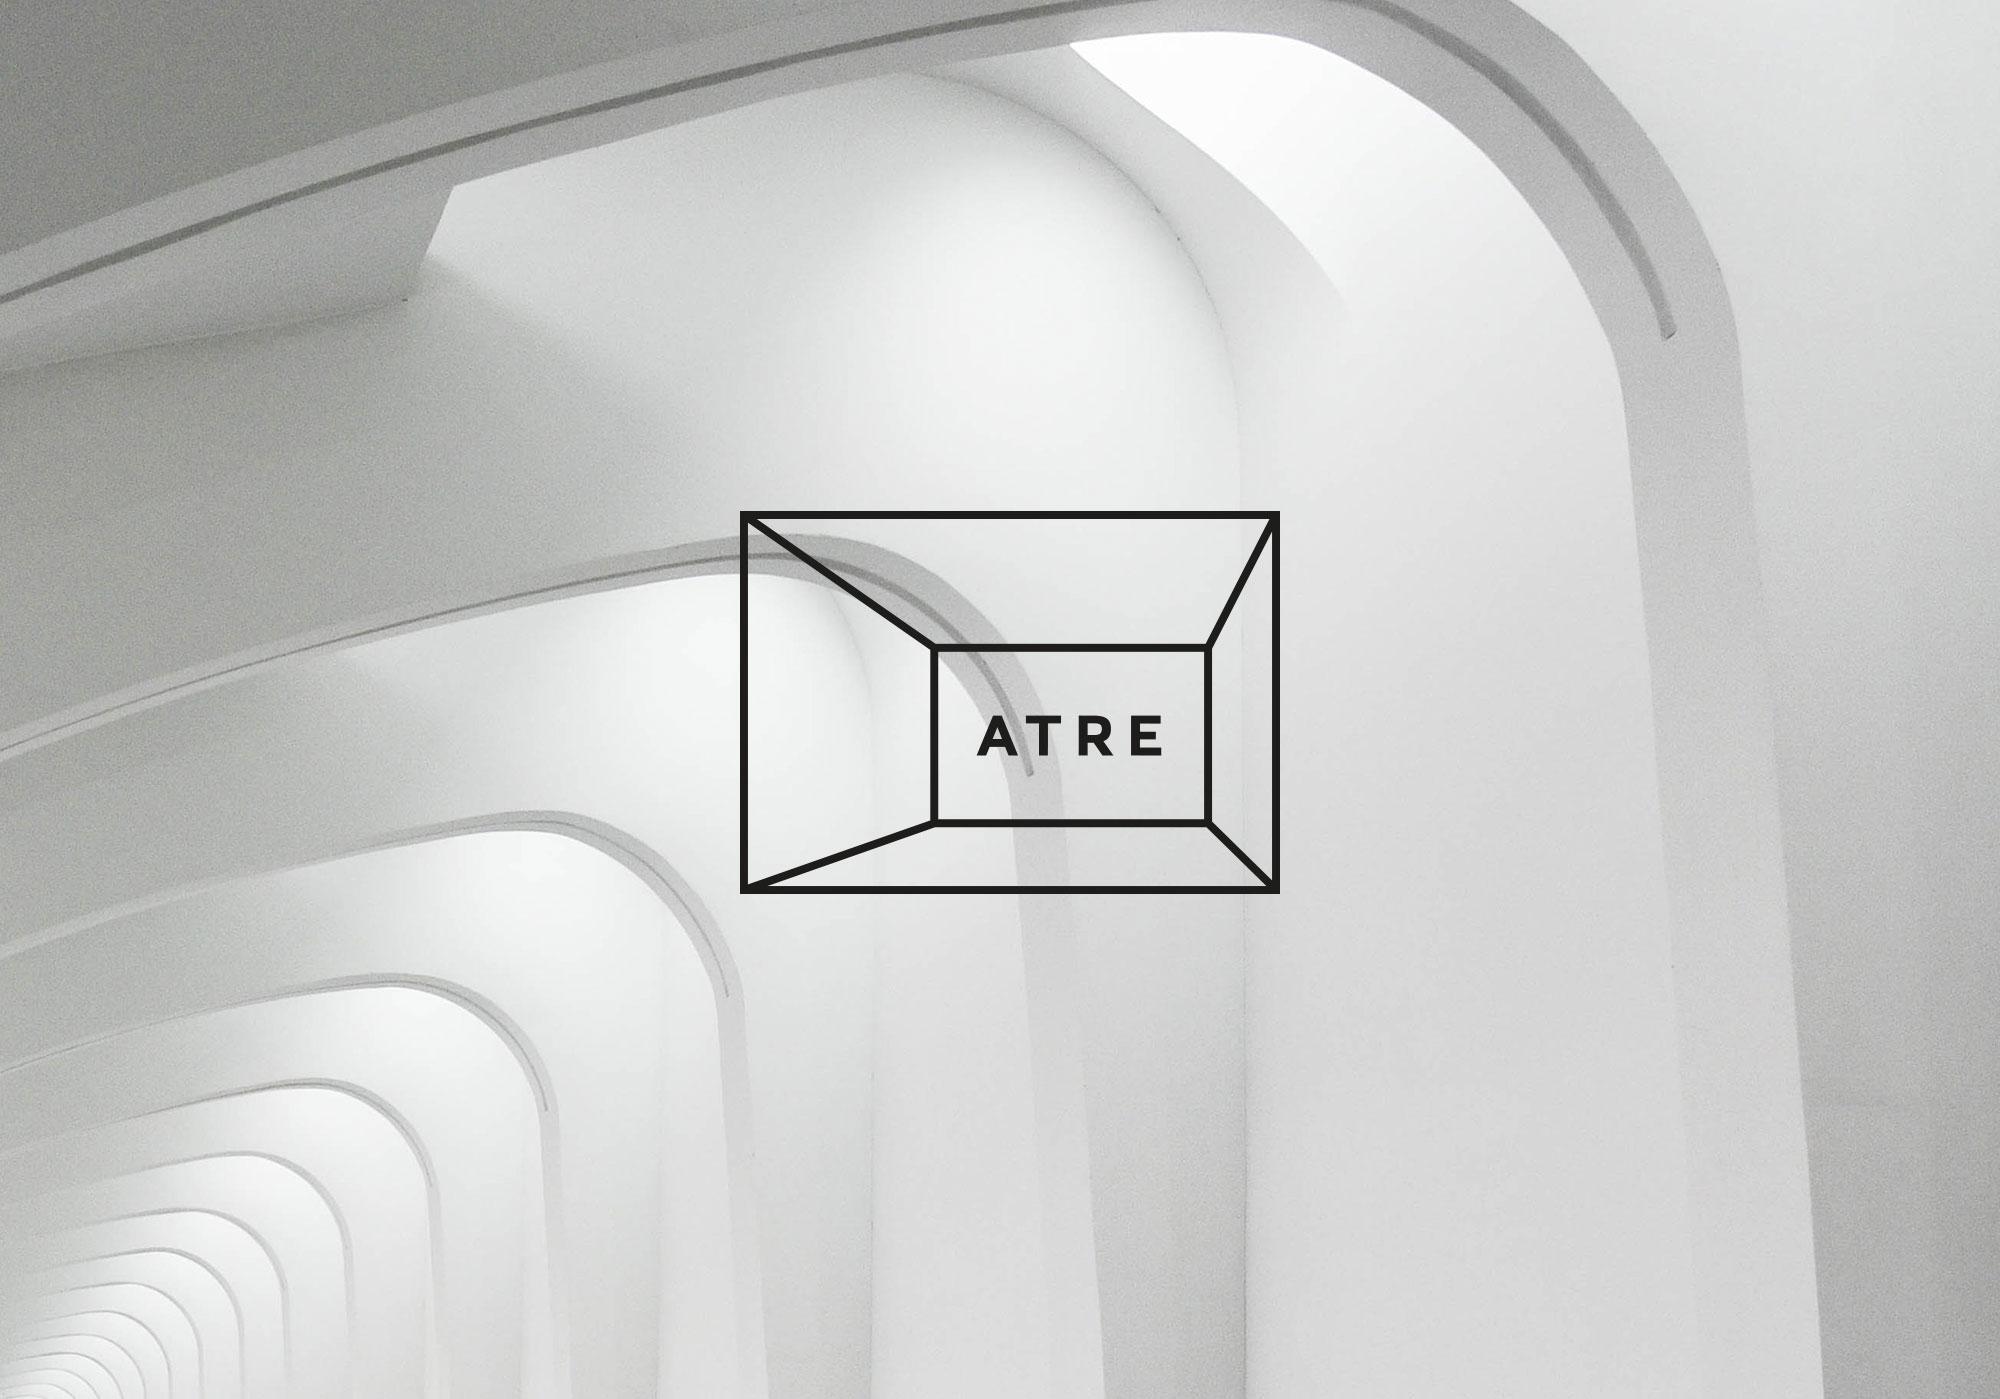 atre_site3